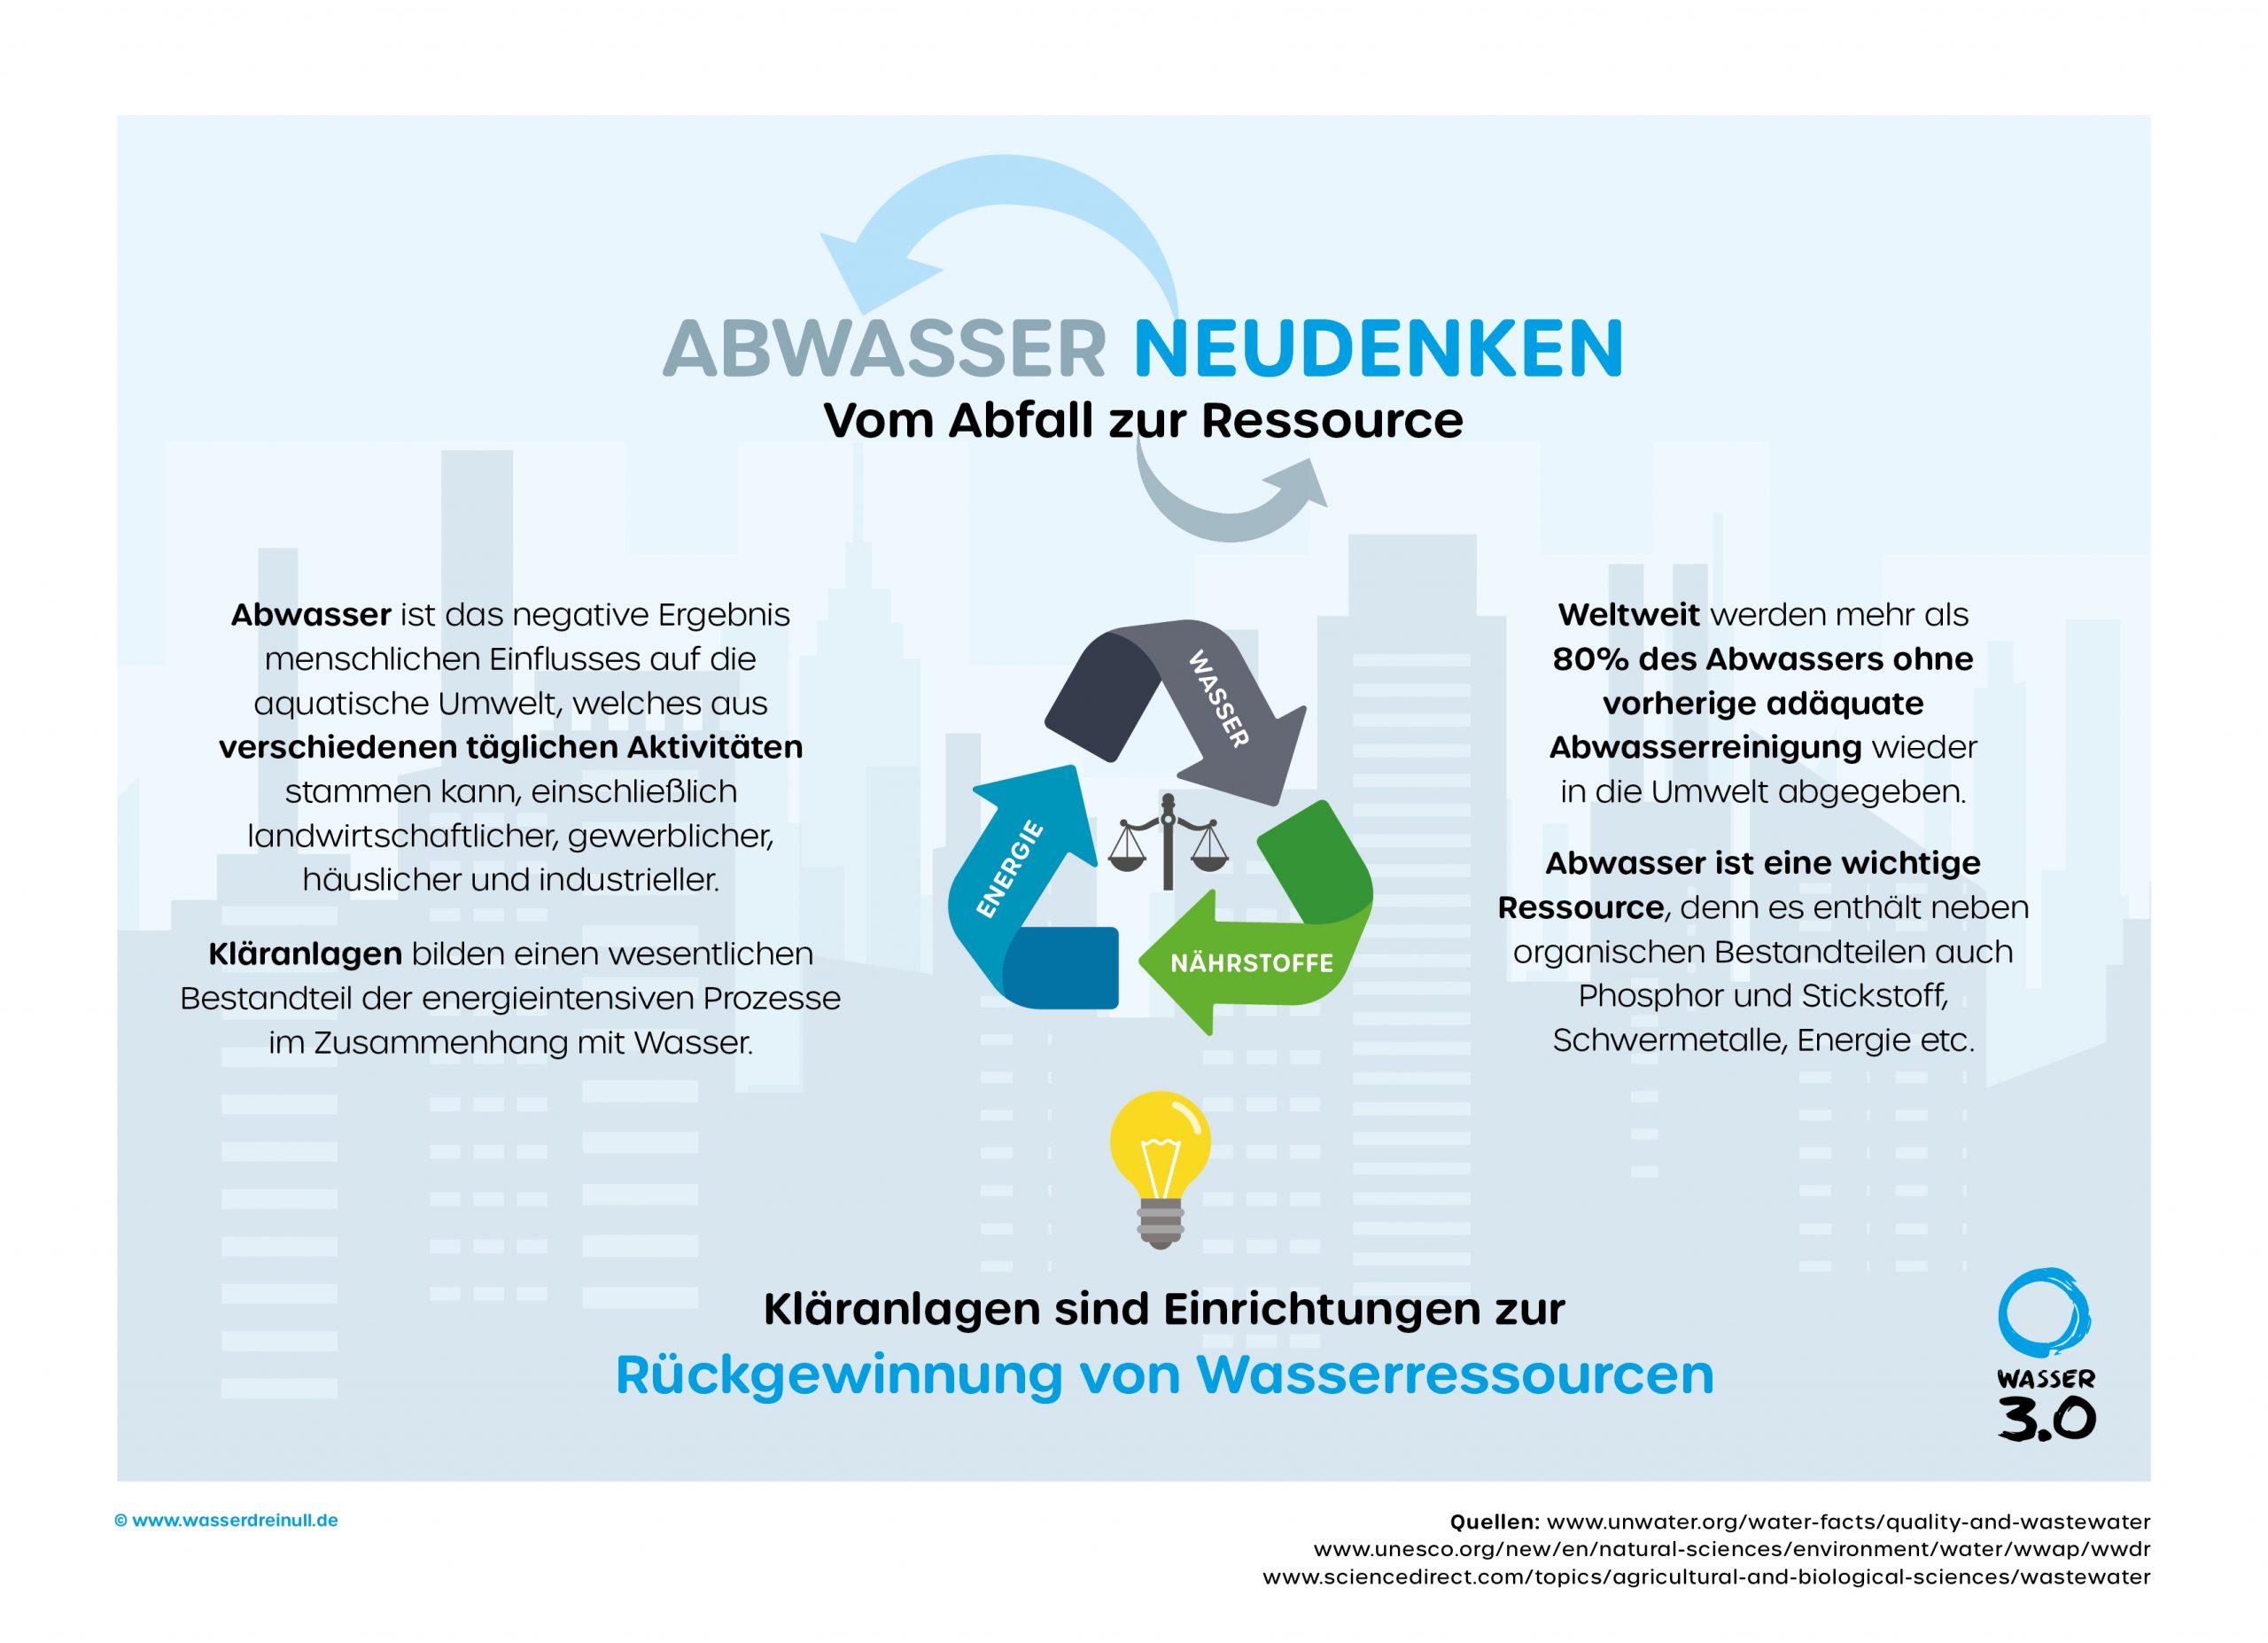 Abwasser als Ressource - Abwasser neu denken